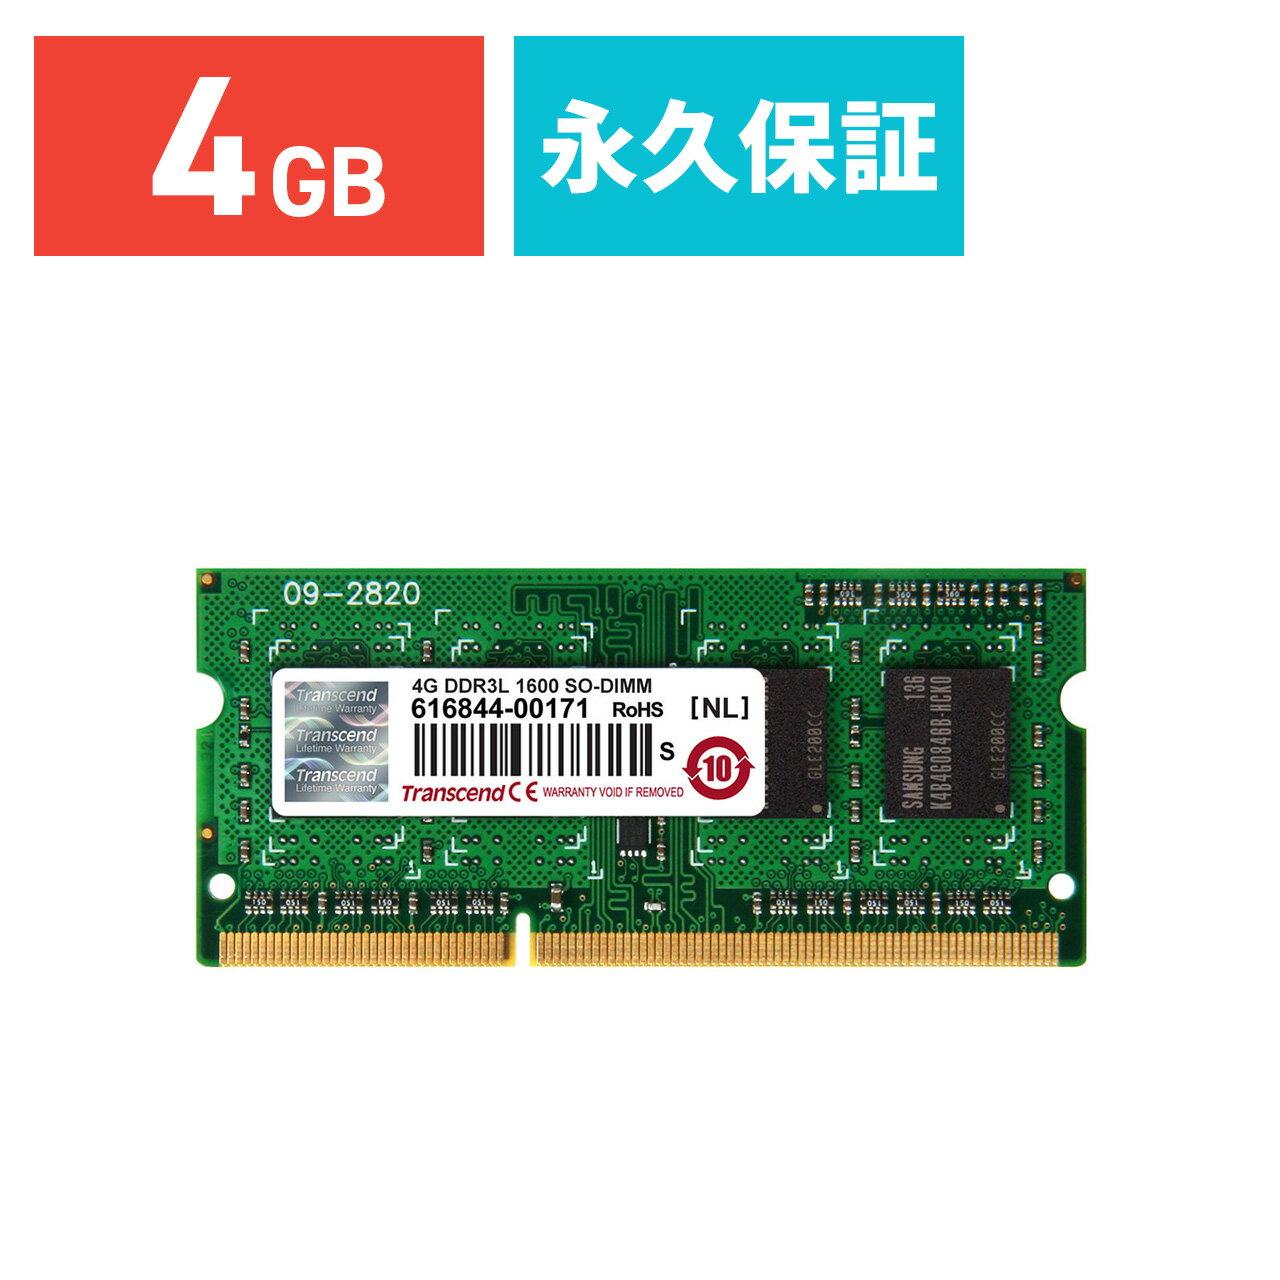 【3月15日値下げしました】Transcend 増設メモリー 4GB ノートPC用 DDR3L-1600 PC3L-12800 204pin PCメモリ メモリーモジュール [TS512MSK64W6H]【ネコポス専用】【送料無料】